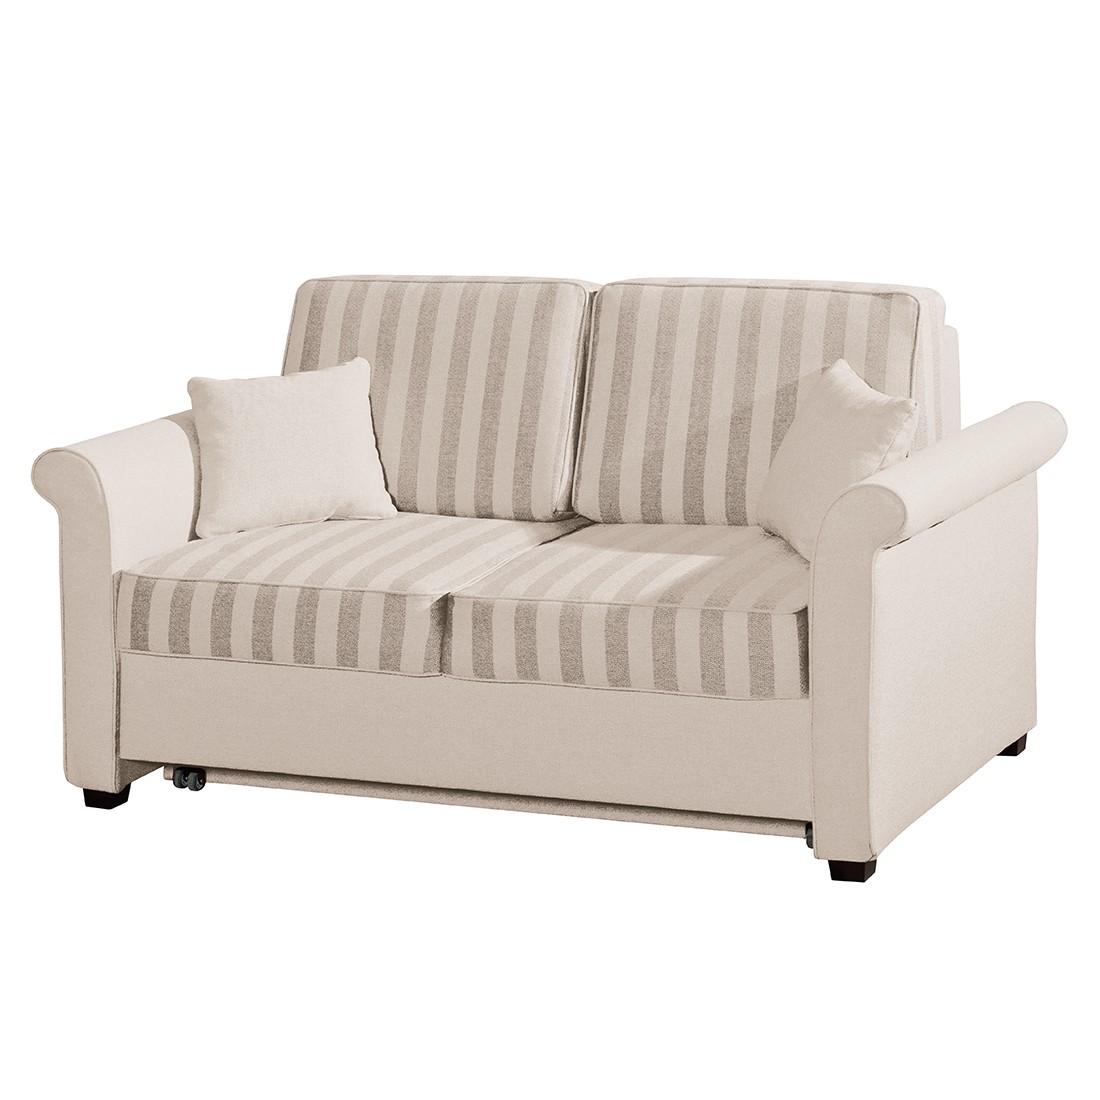 kratzbaum gro e liegefl che preisvergleich die besten. Black Bedroom Furniture Sets. Home Design Ideas